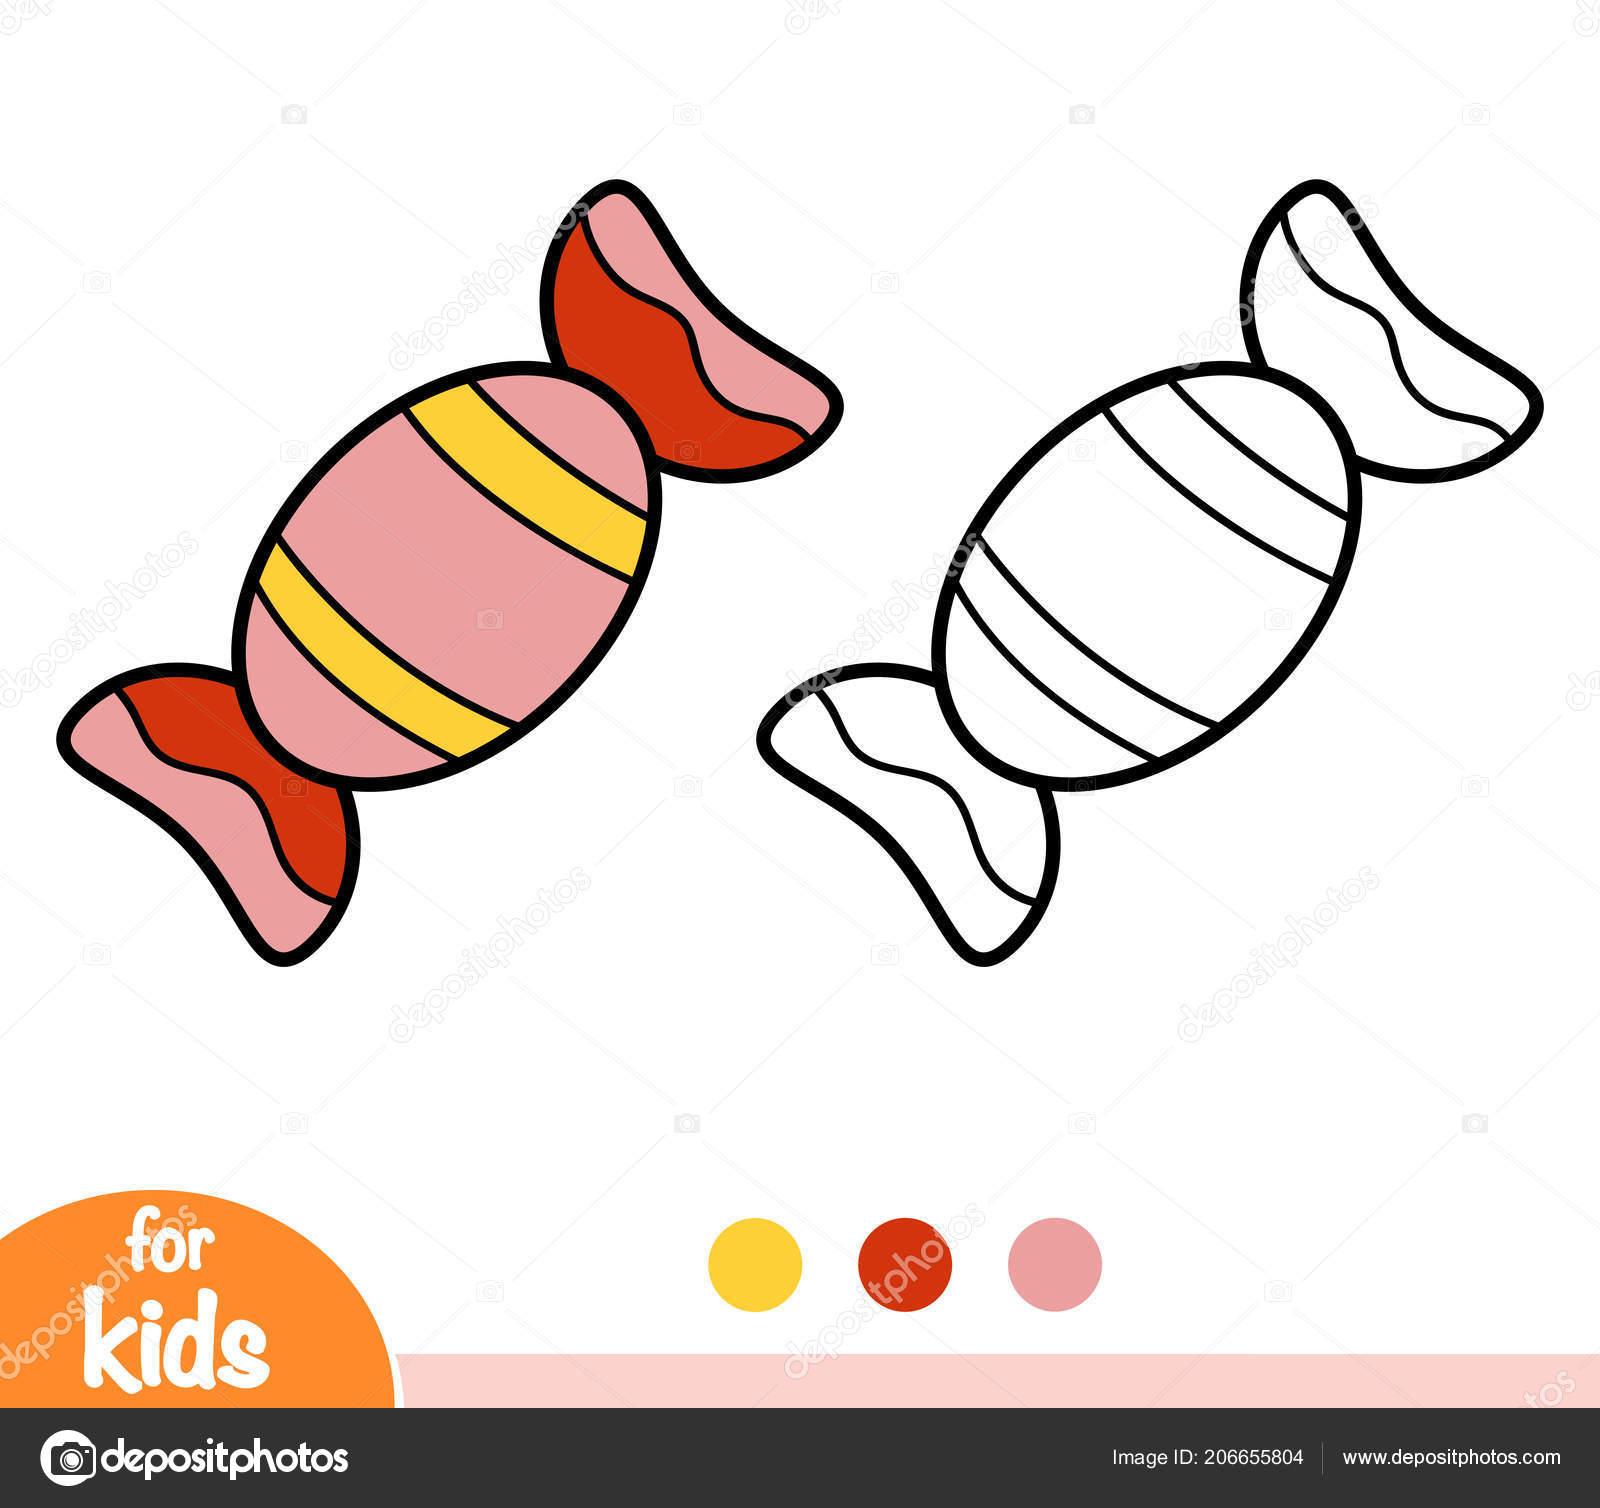 раскраска детей конфеты векторное изображение